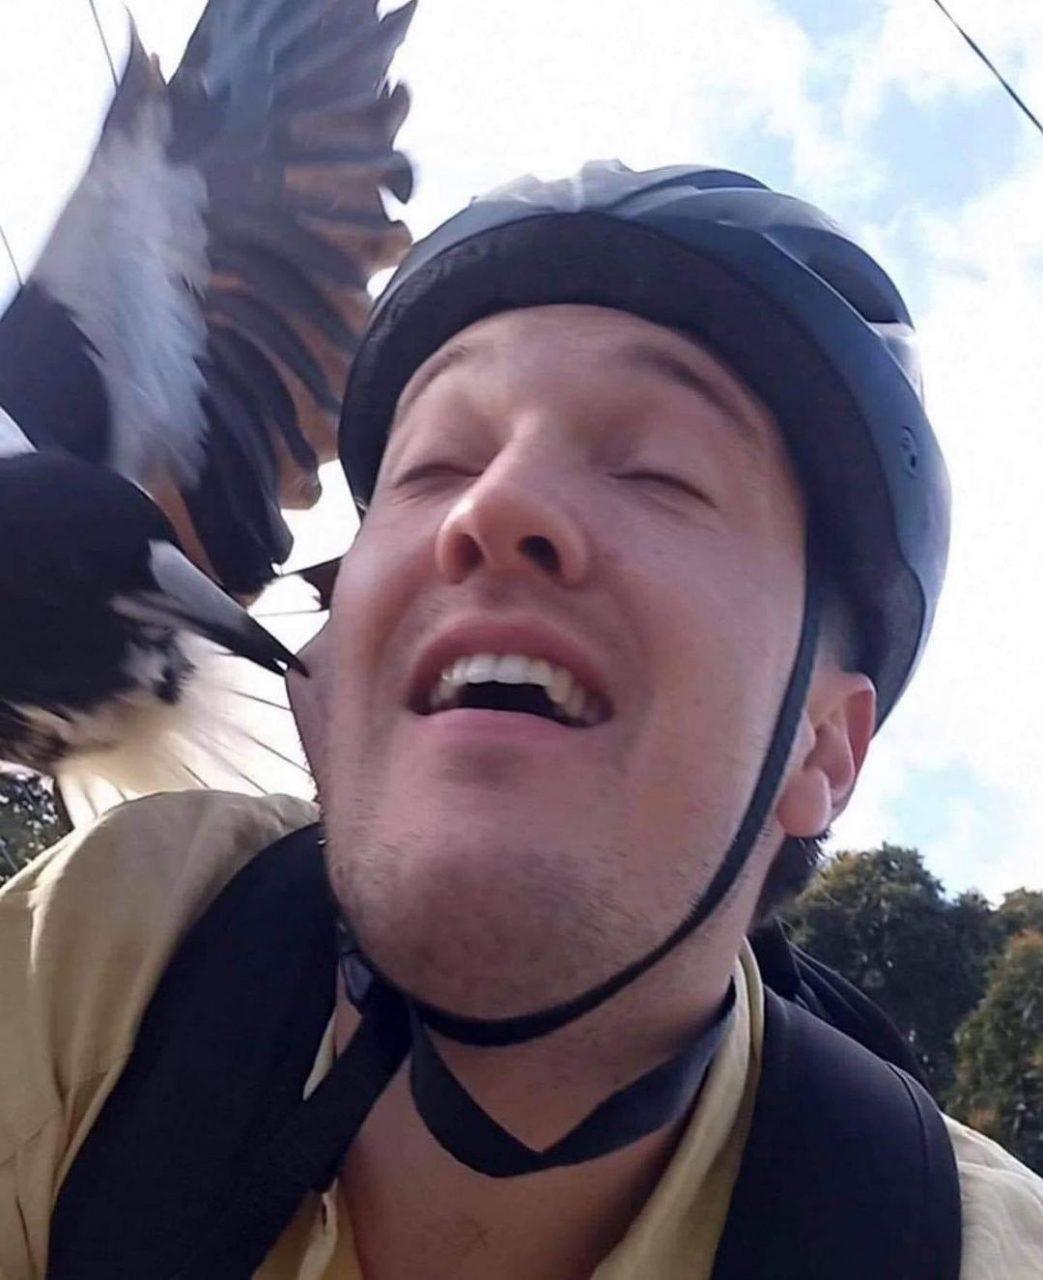 ciclista bicado bochecha ave 13102021200221520 scaled - Ciclista é bicado na bochecha por ave em clique surpreendente